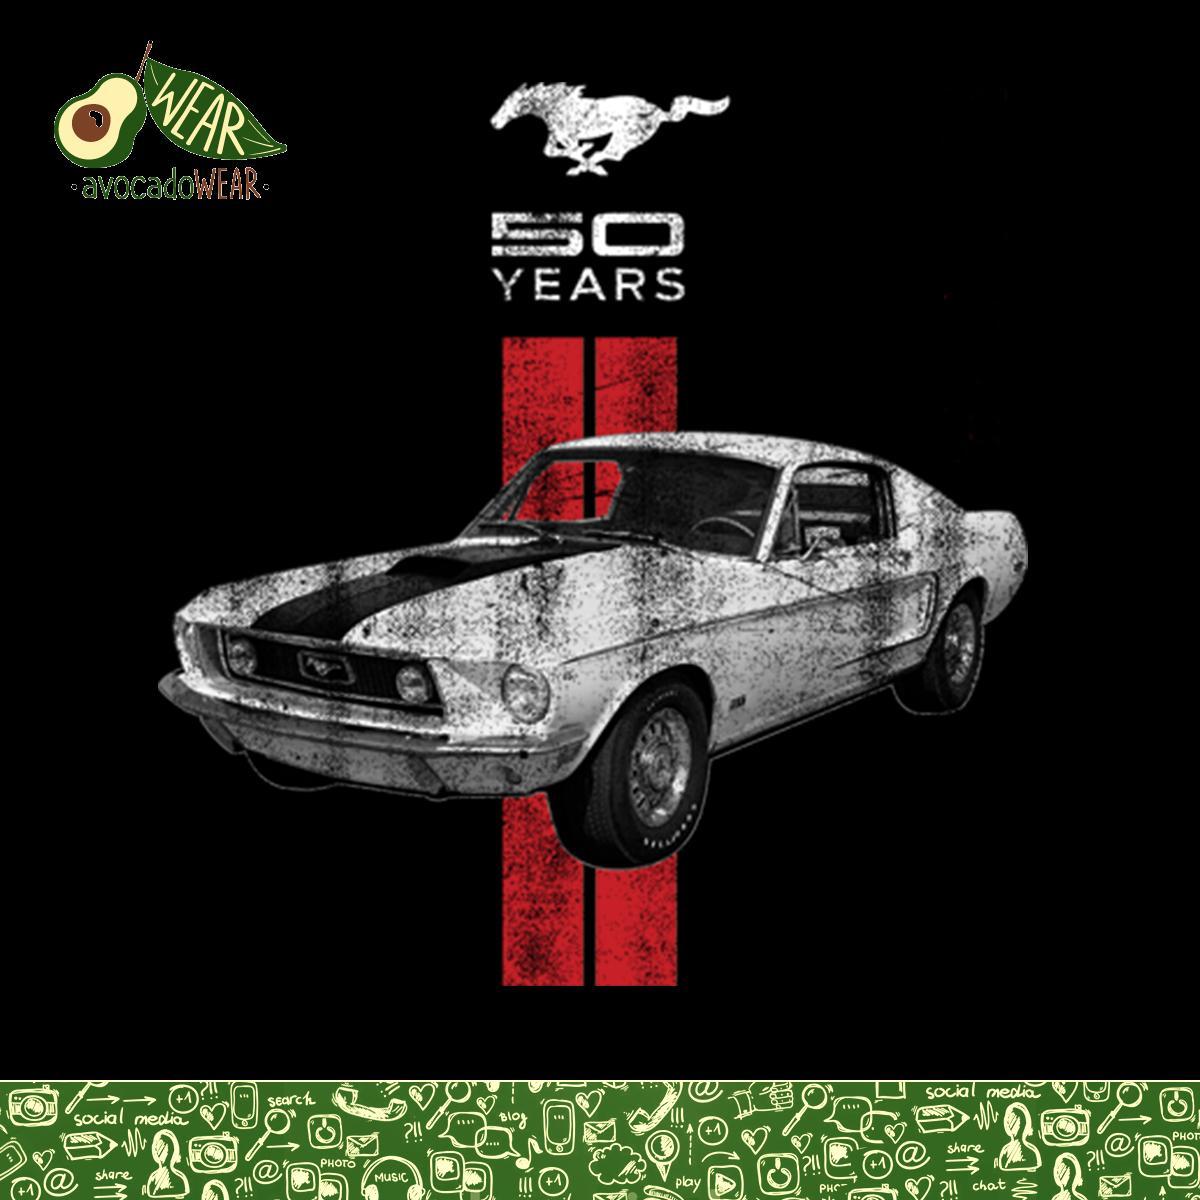 Mustang 50 Years Classic Car Logo Women T-shirt S-3XL New | eBay